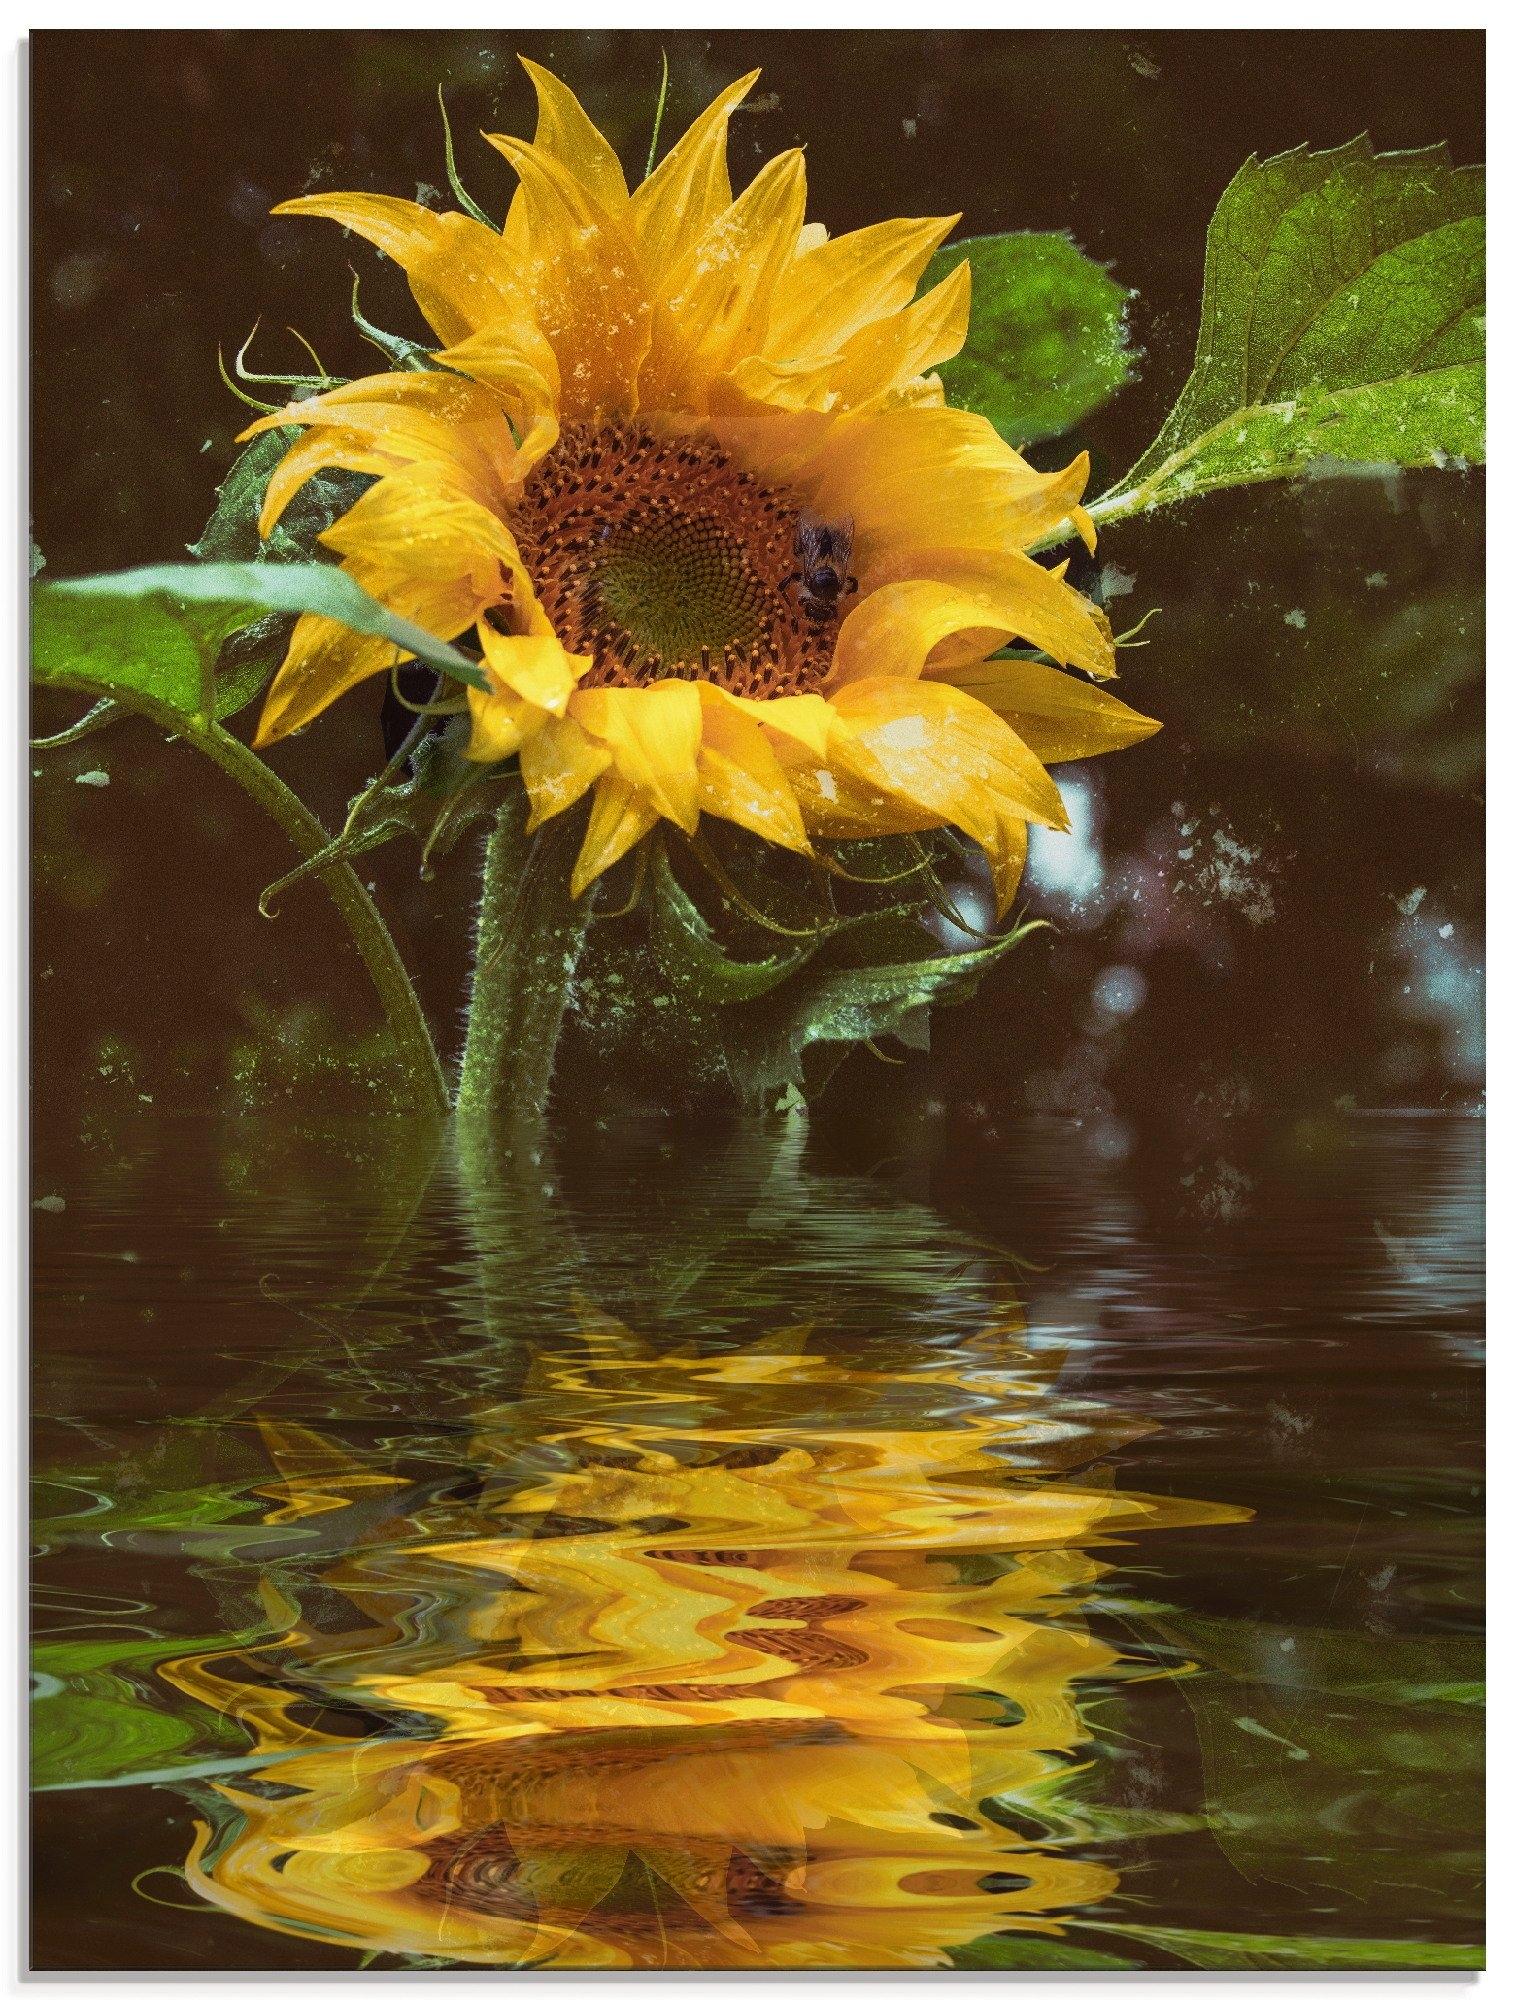 Artland print op glas Zonnebloem met waterreflectie (1 stuk) online kopen op otto.nl